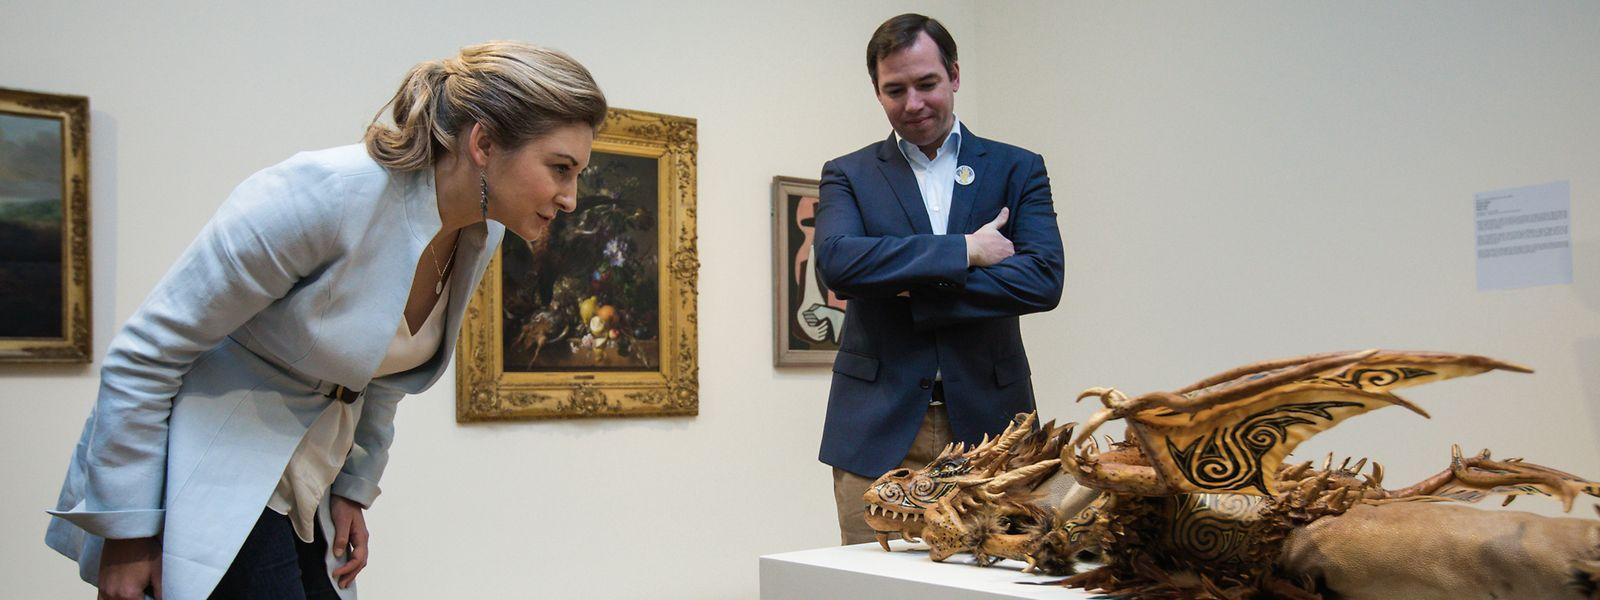 Auf Entdeckungstour: das erbgroßherzogliche Paar in der Villa Vauban.